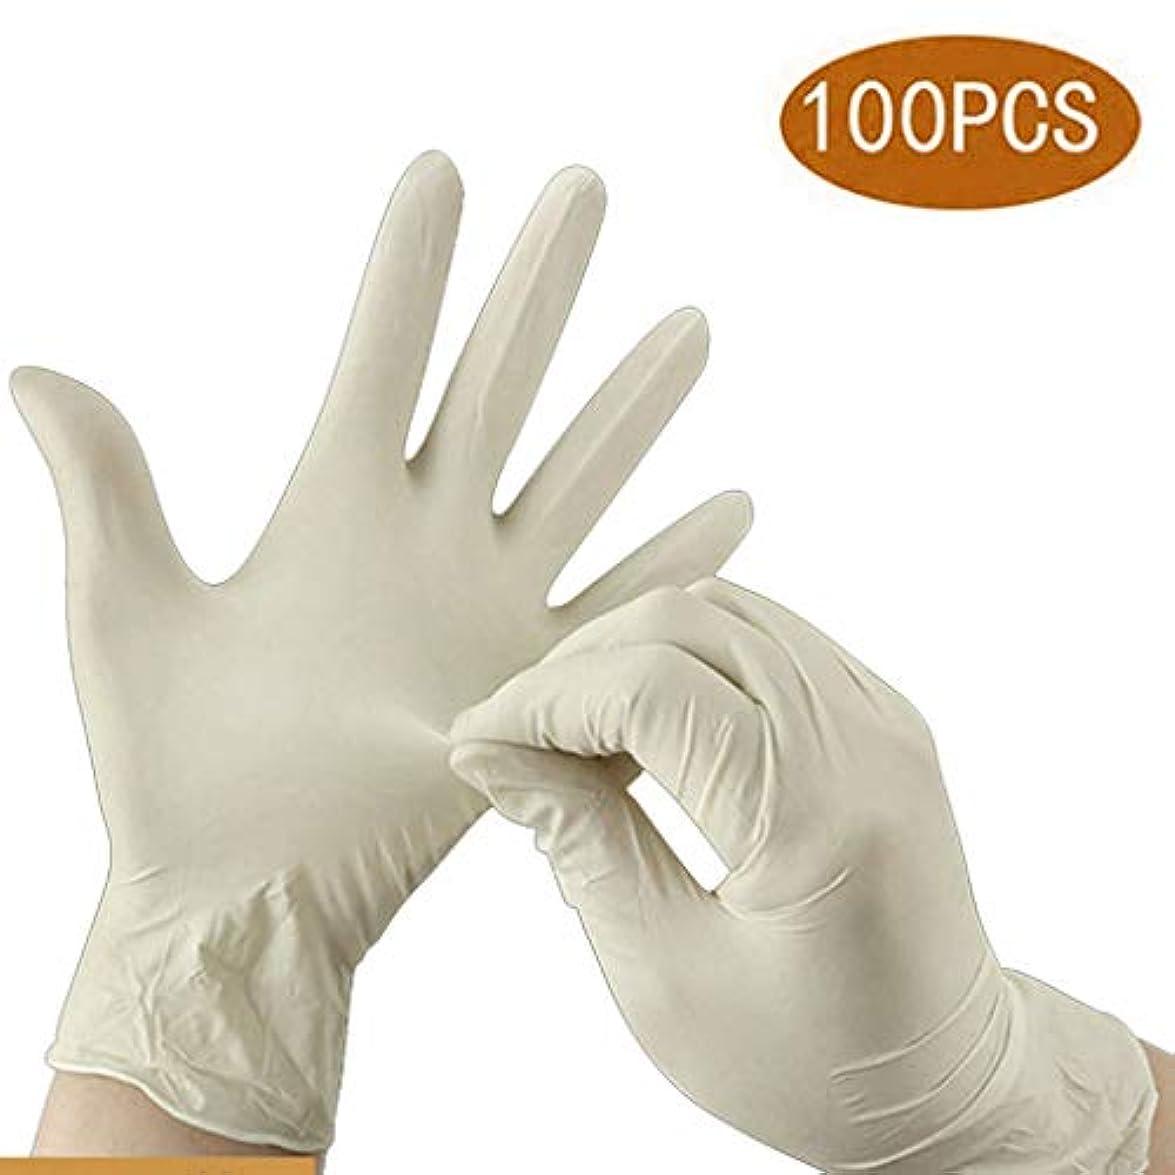 偉業テンポロープ9インチ使い捨てラテックス手袋、パウダーフリー、個別包装され、耐久性に優れ、労働保険、食品検査用手袋|100の病院ボックスのプロフェッショナルグレード (Size : L)